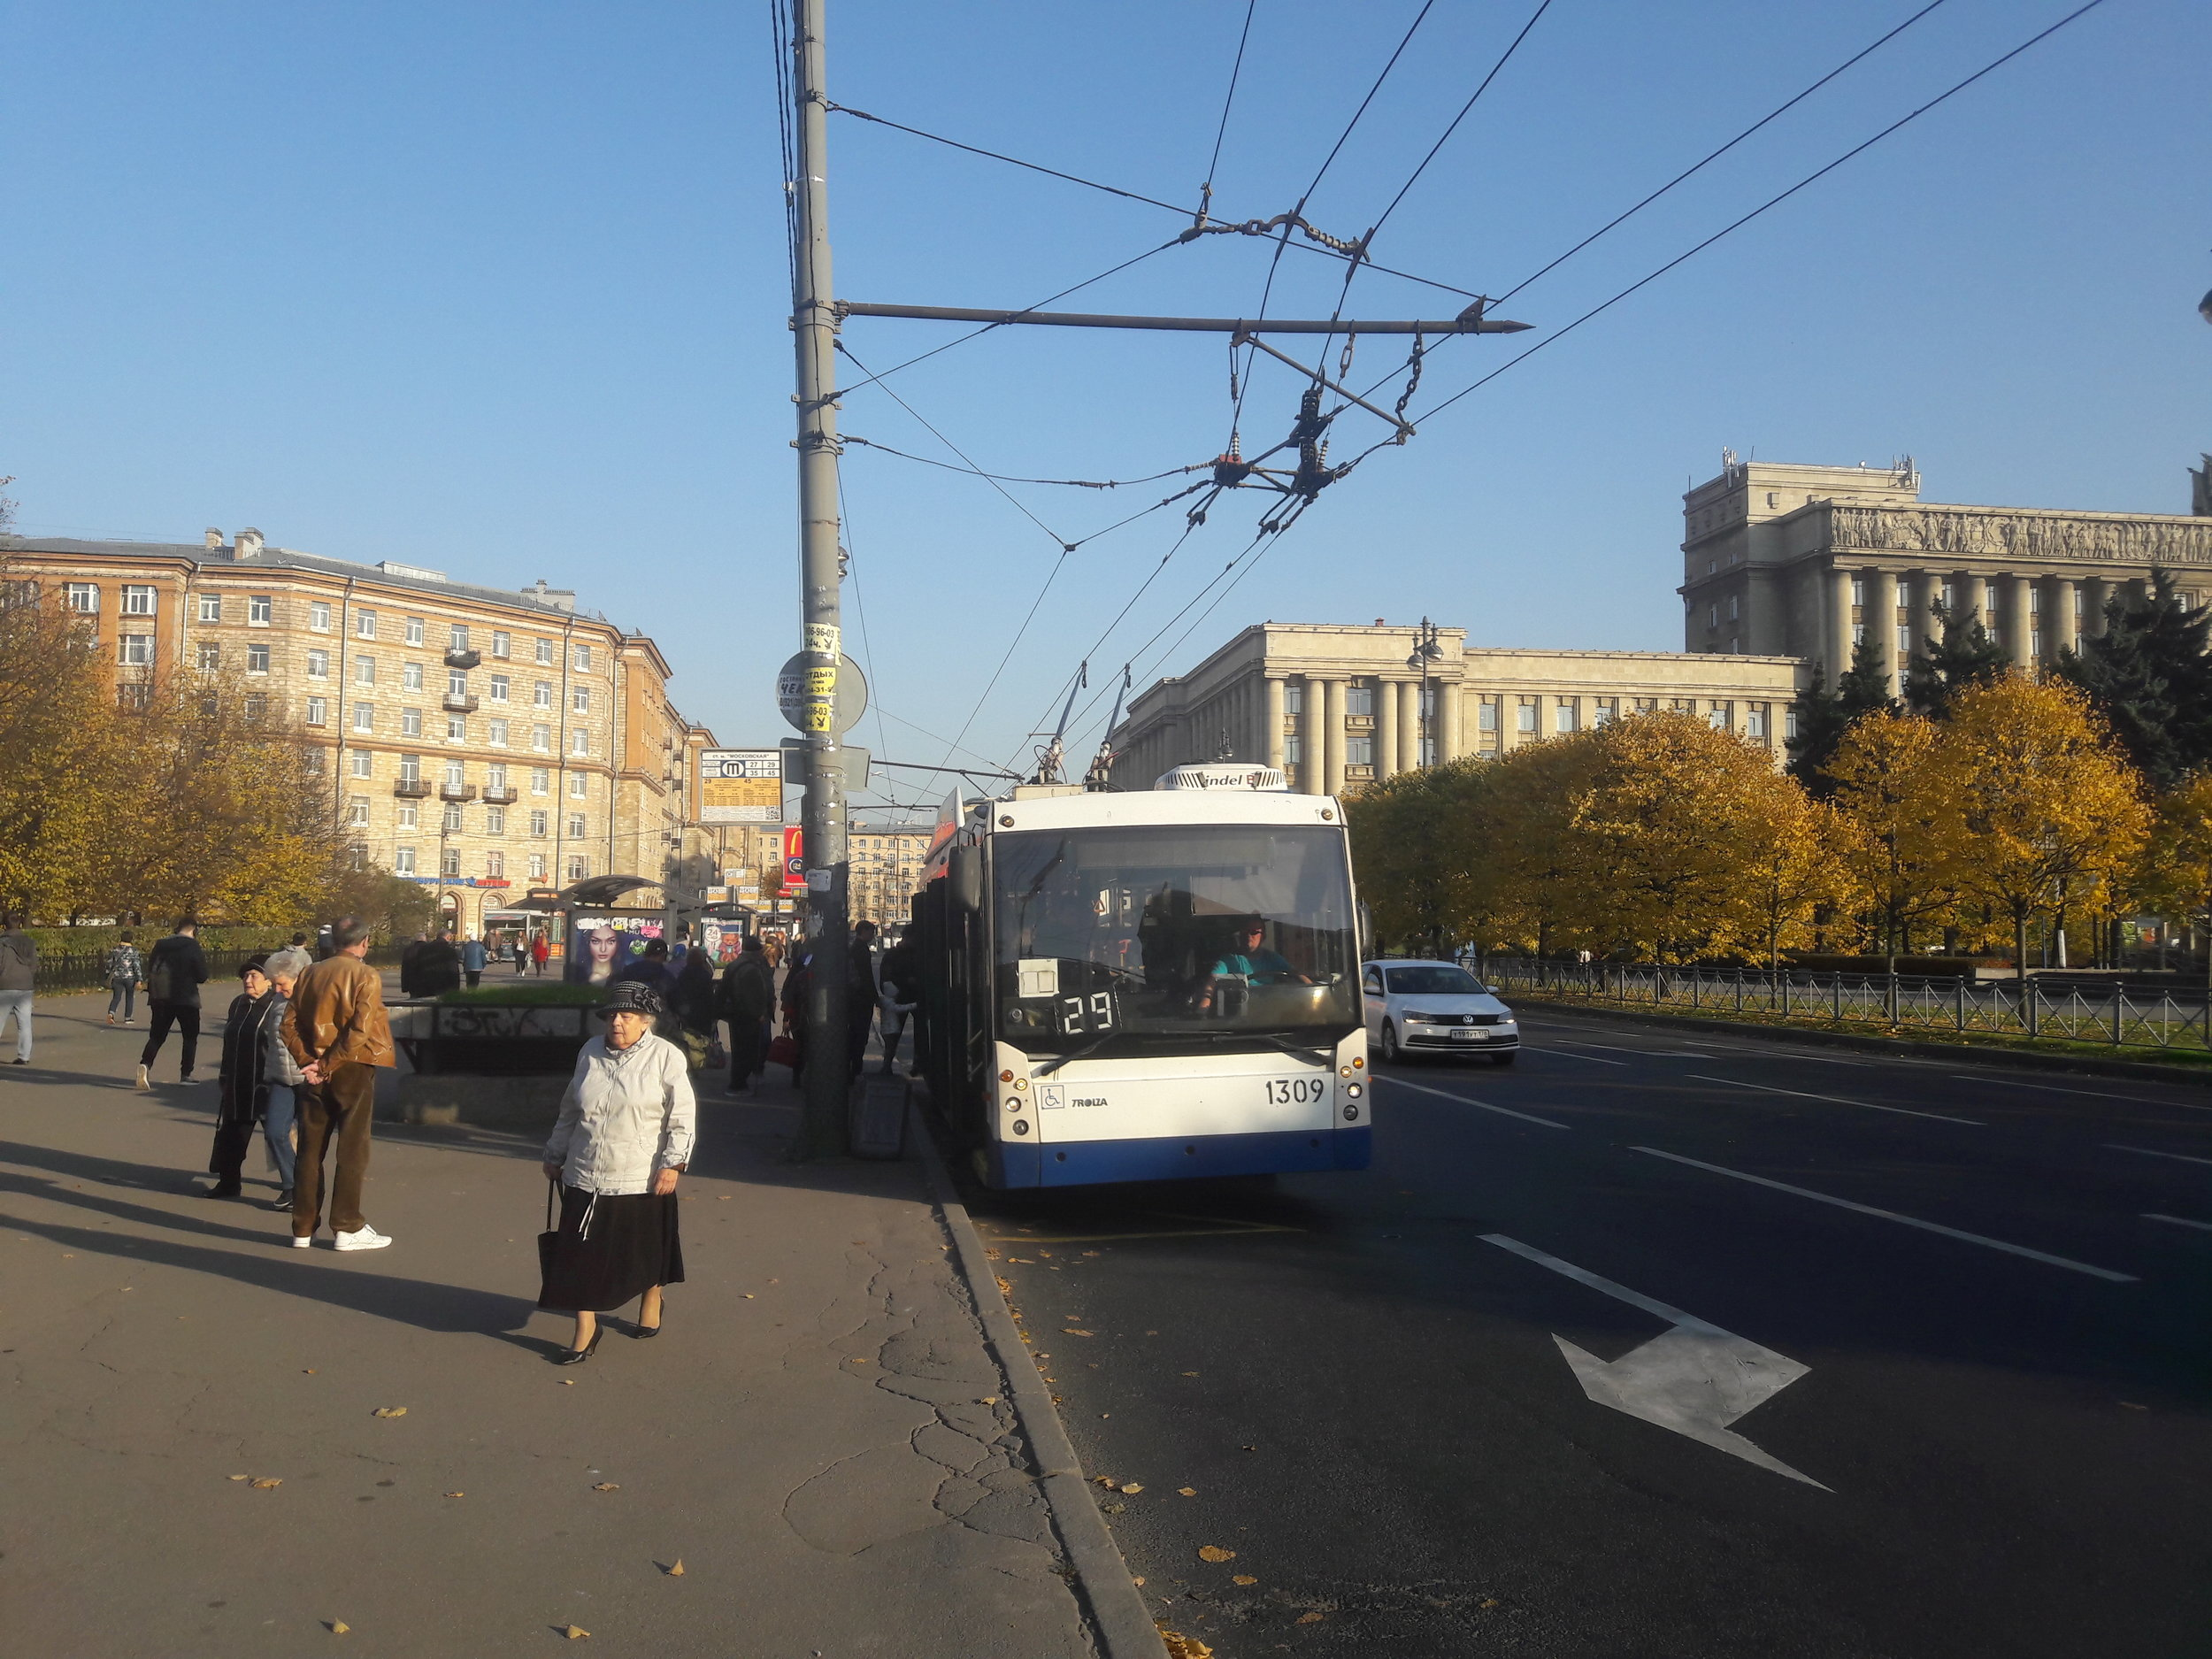 Ještě tři snímky s petrohradskými trolejbusy, aby bylo vidět porovnání se staršími vozidly, která však všechna pocházejí z tohoto století.